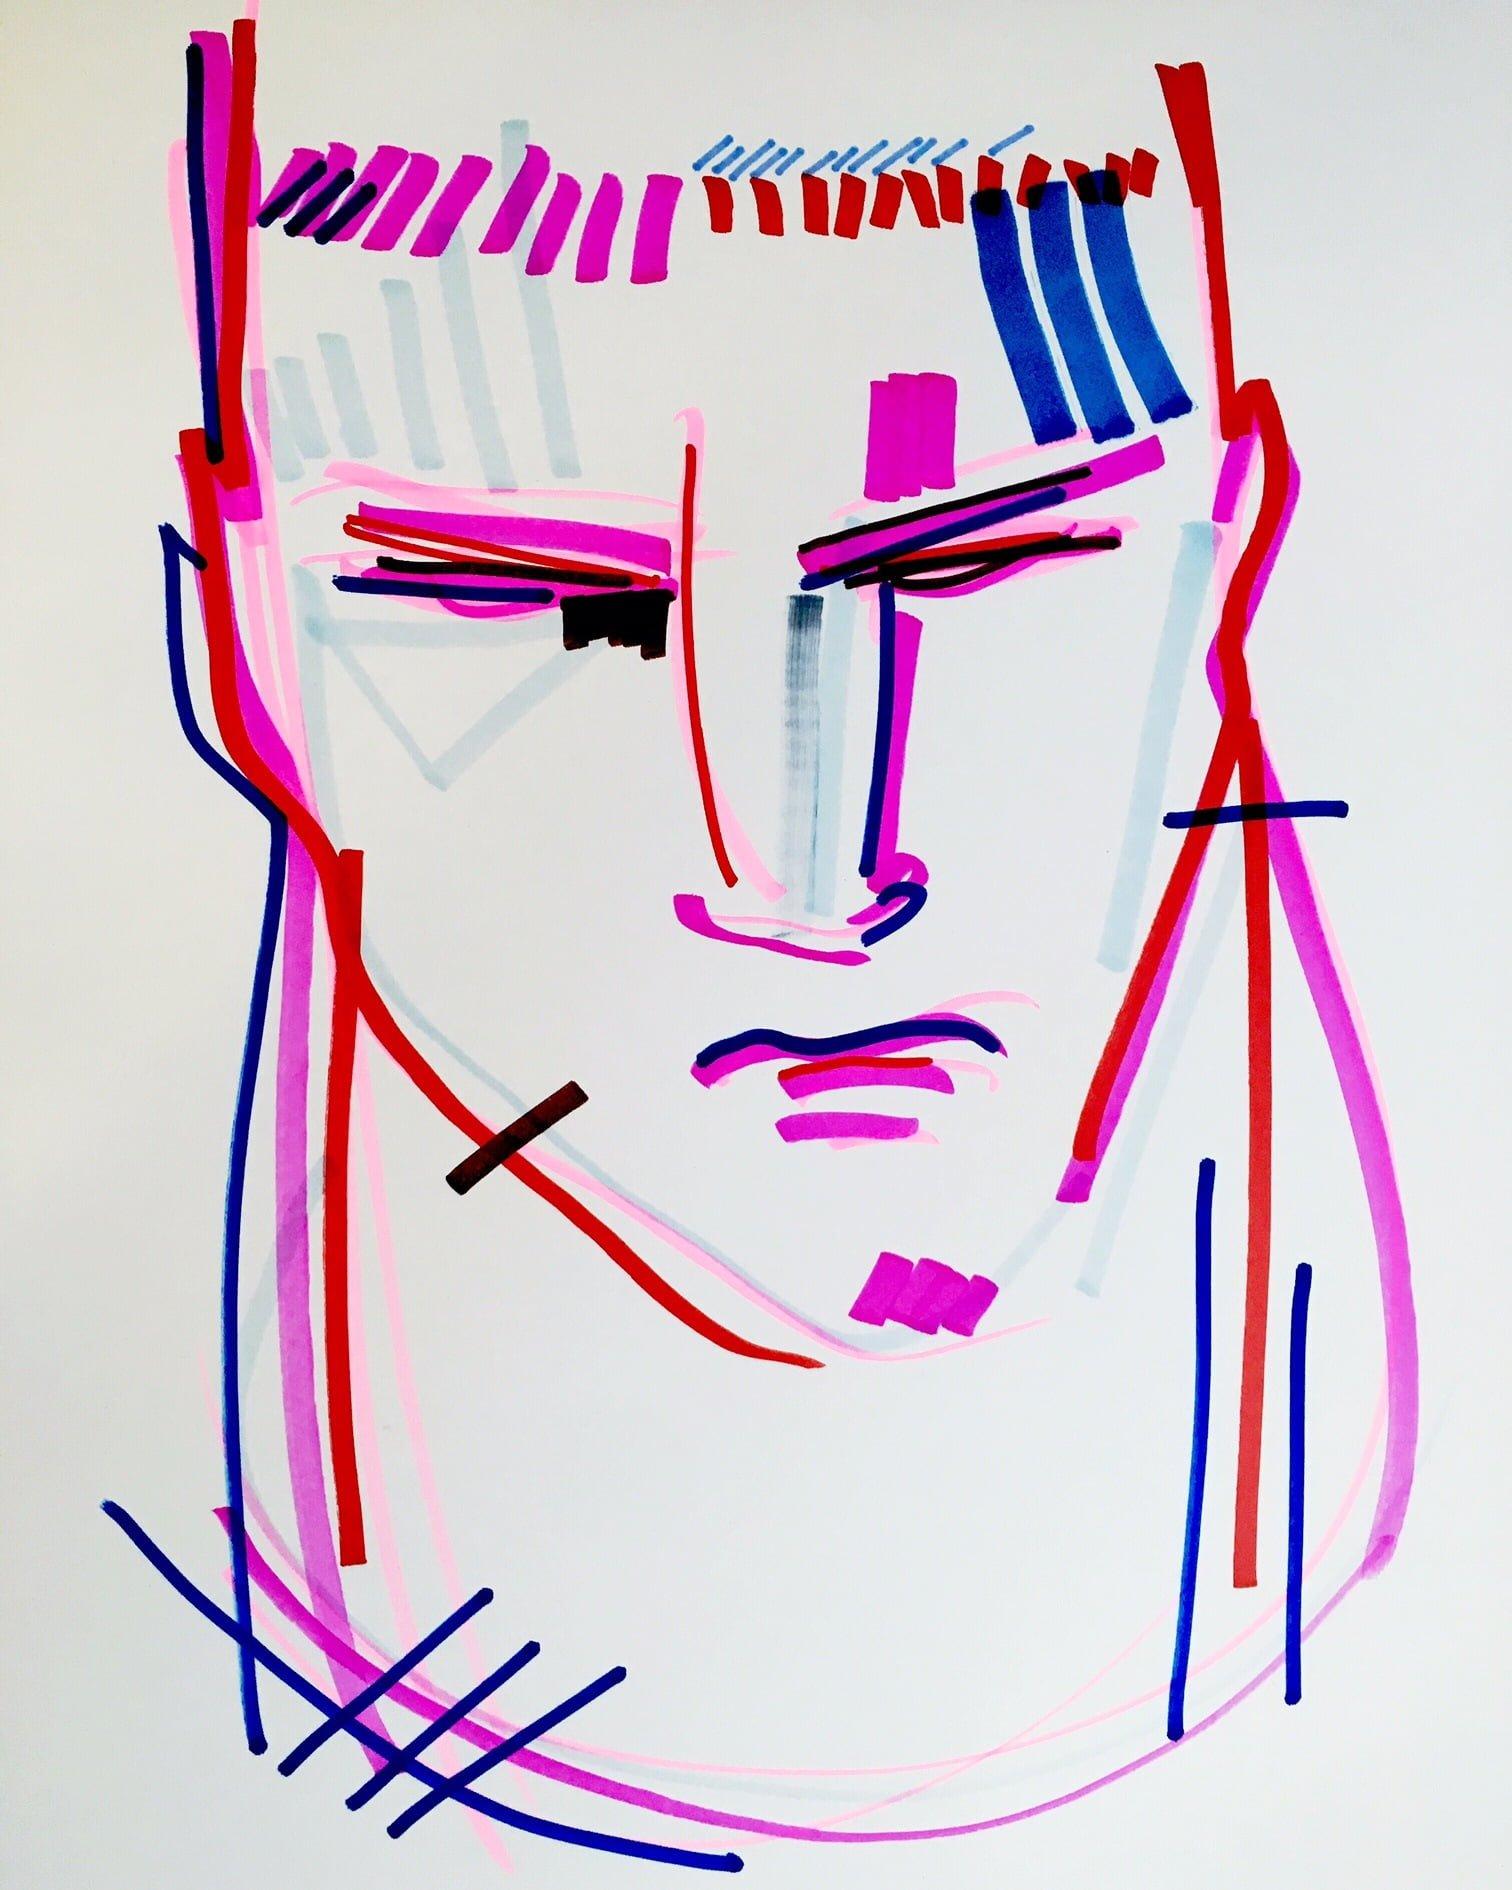 Art by Neils